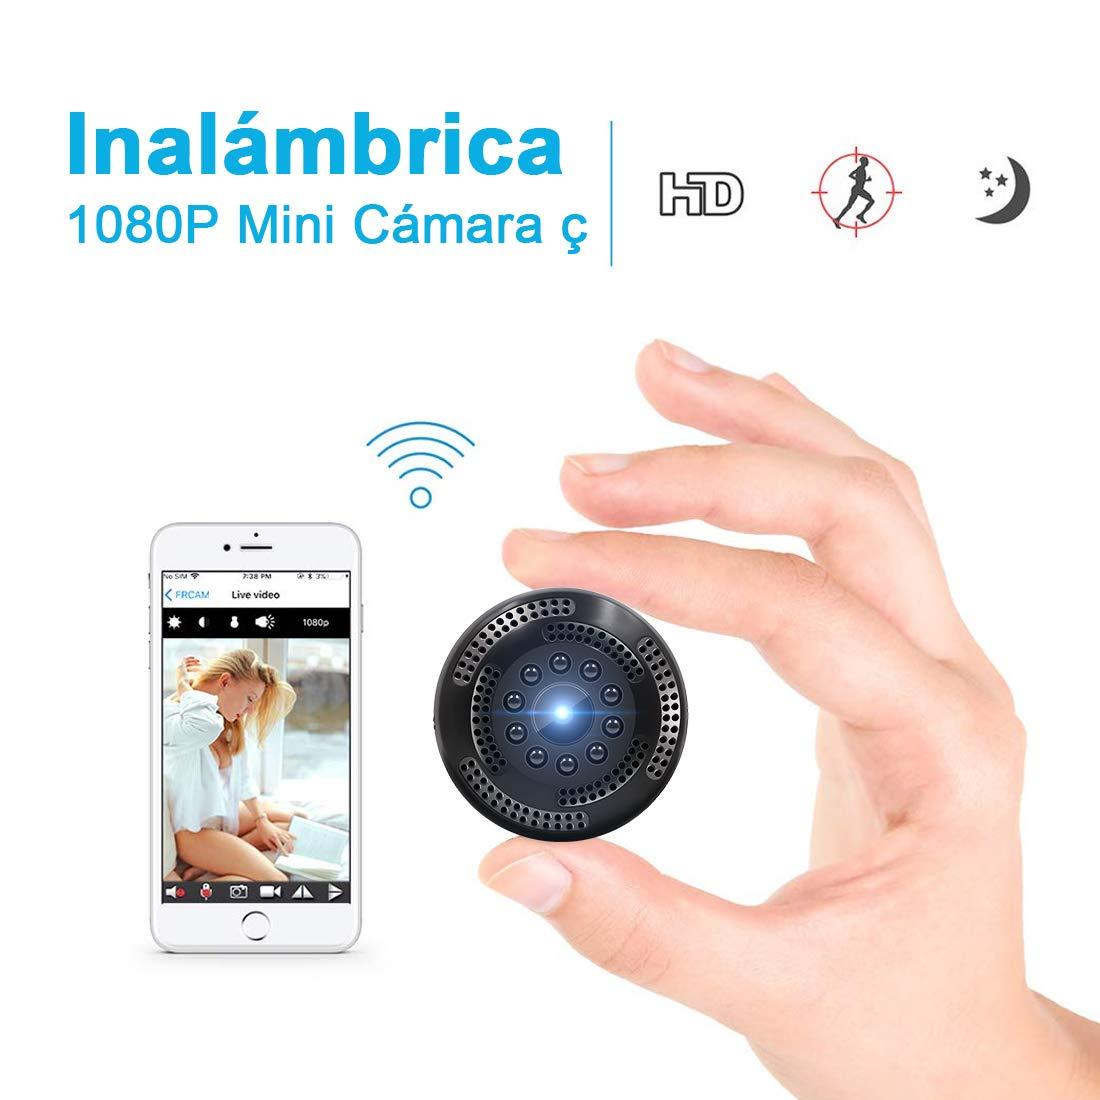 Cámara Inalámbrica Oculta de Vigilancia con Resolución 1080P. Mini WiFi Cámara Espía con Grabación de Video Alerta de Detección de Movimiento, Visión Nocturna y Visualización Remota de Supoggy product image